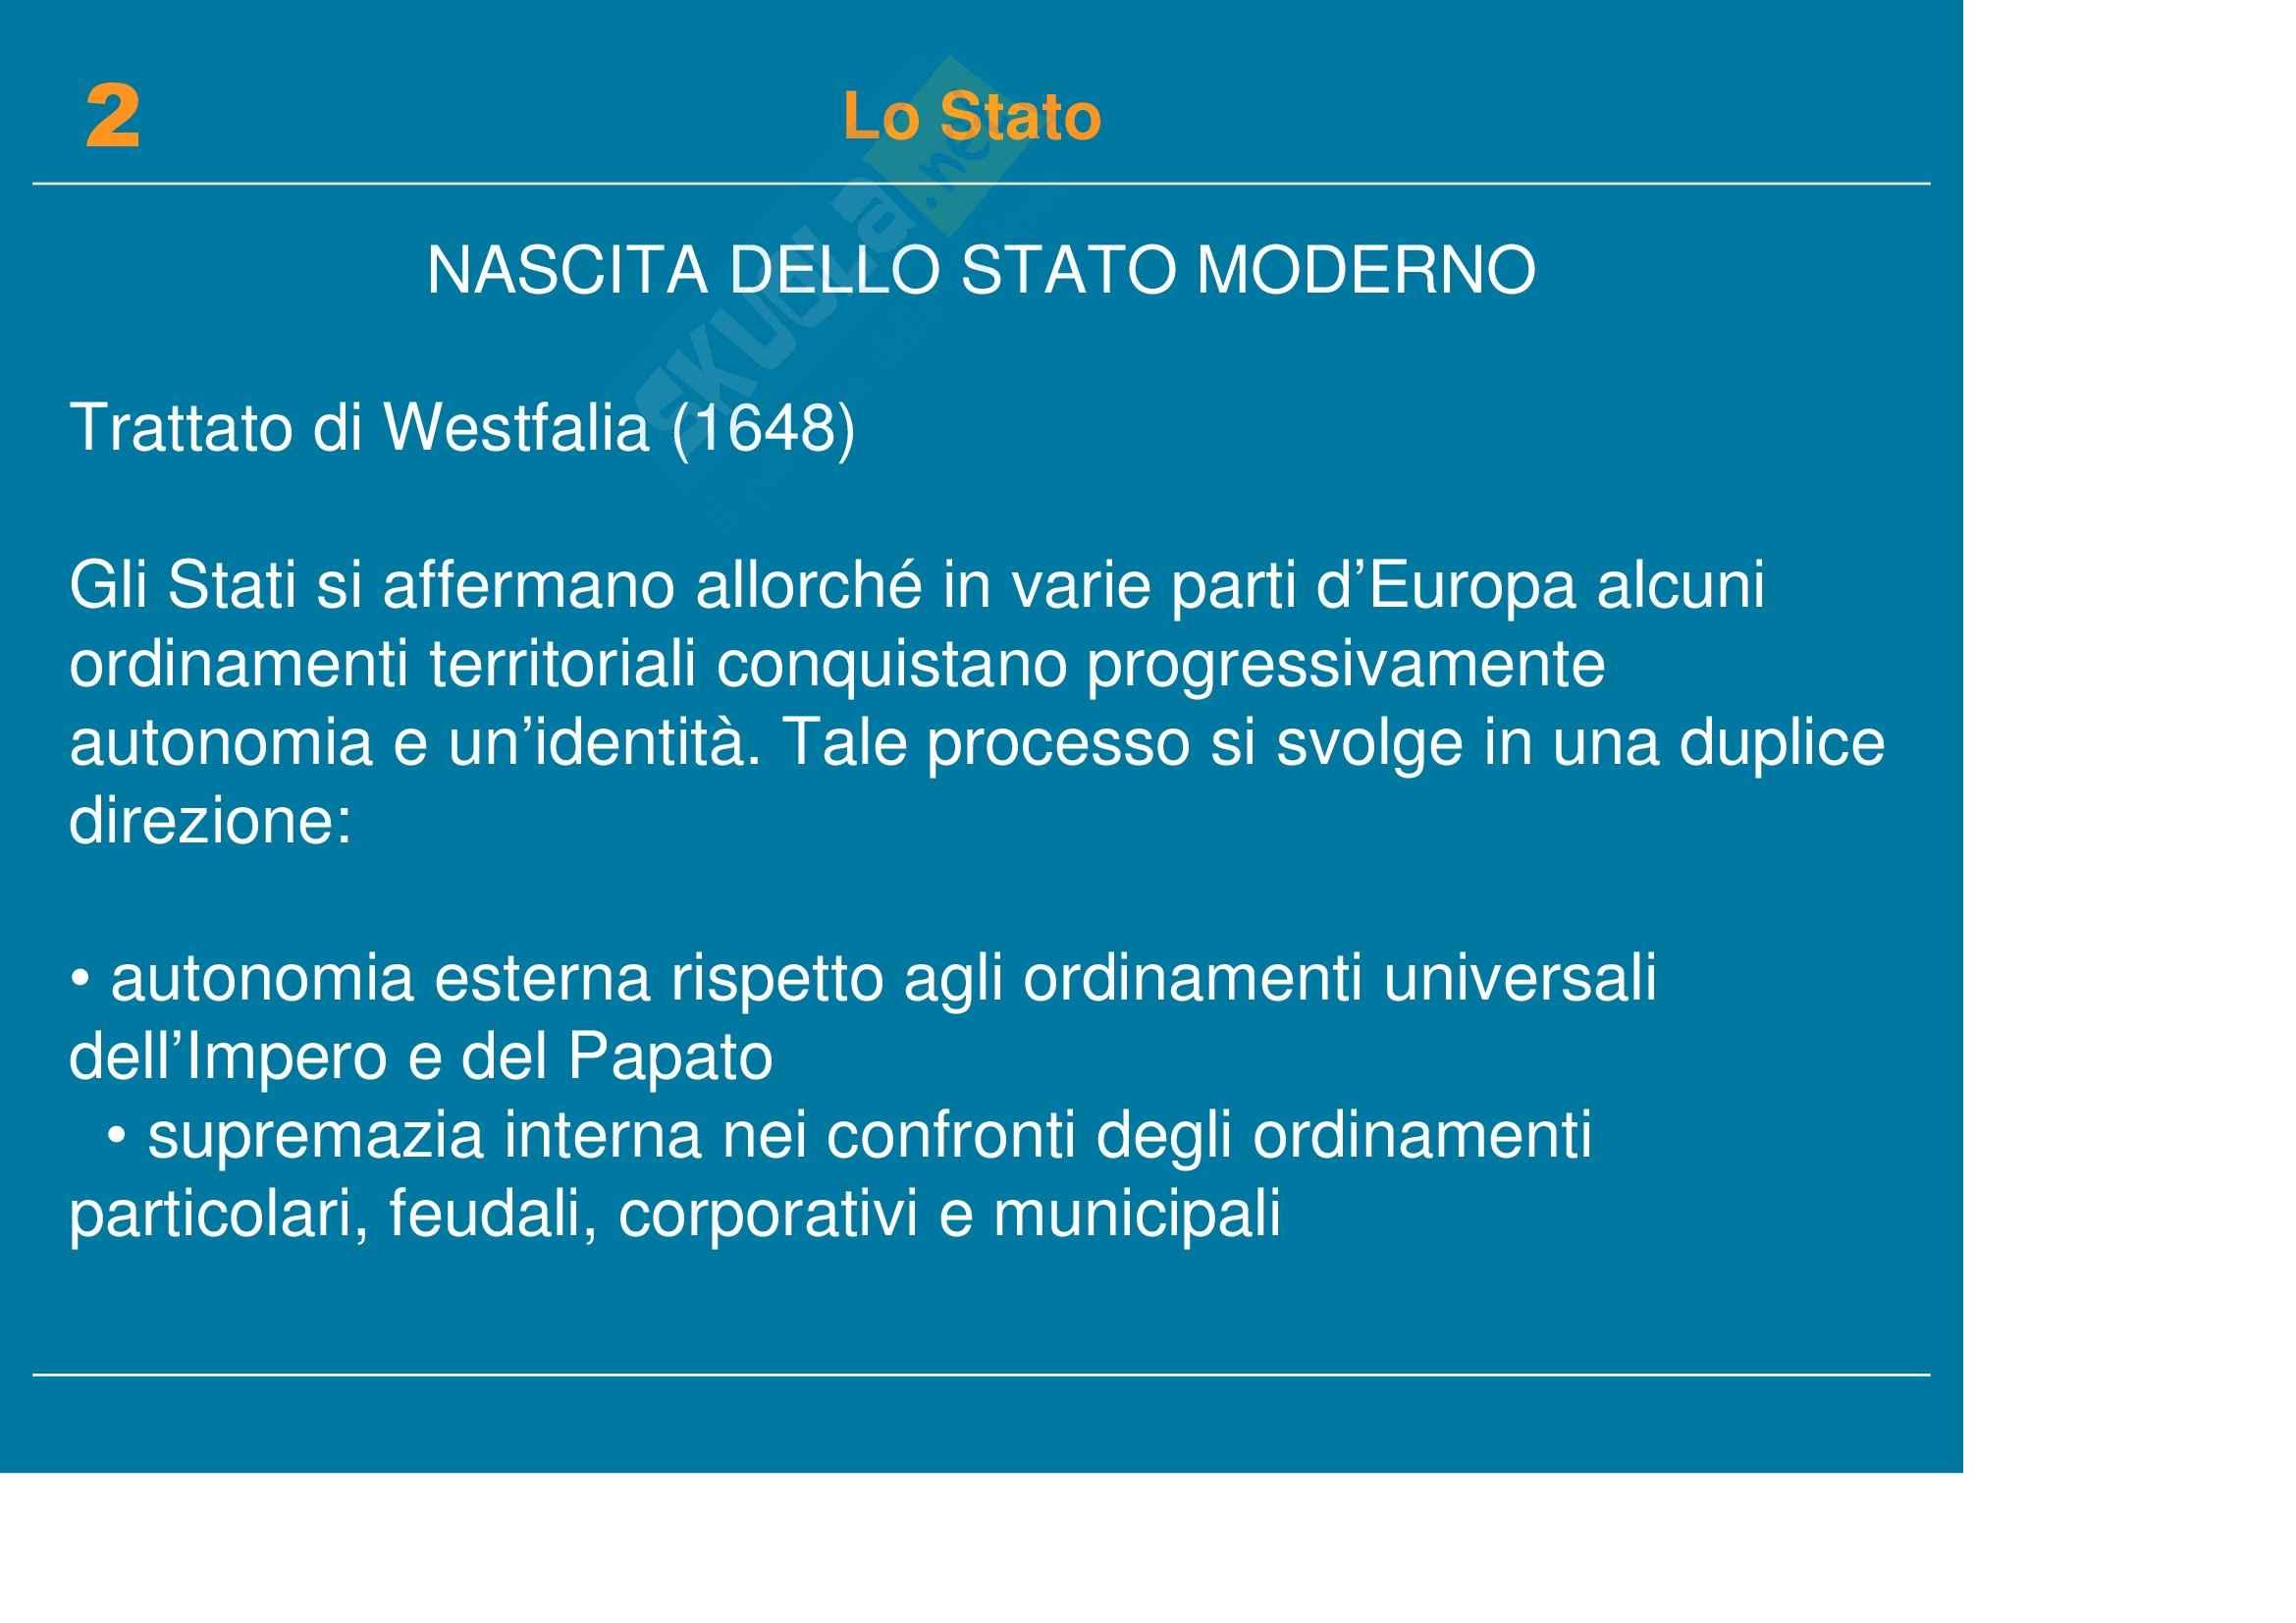 Diritto pubblico, dell'informazione e della comunicazione - la nascita dello Stato moderno Pag. 2